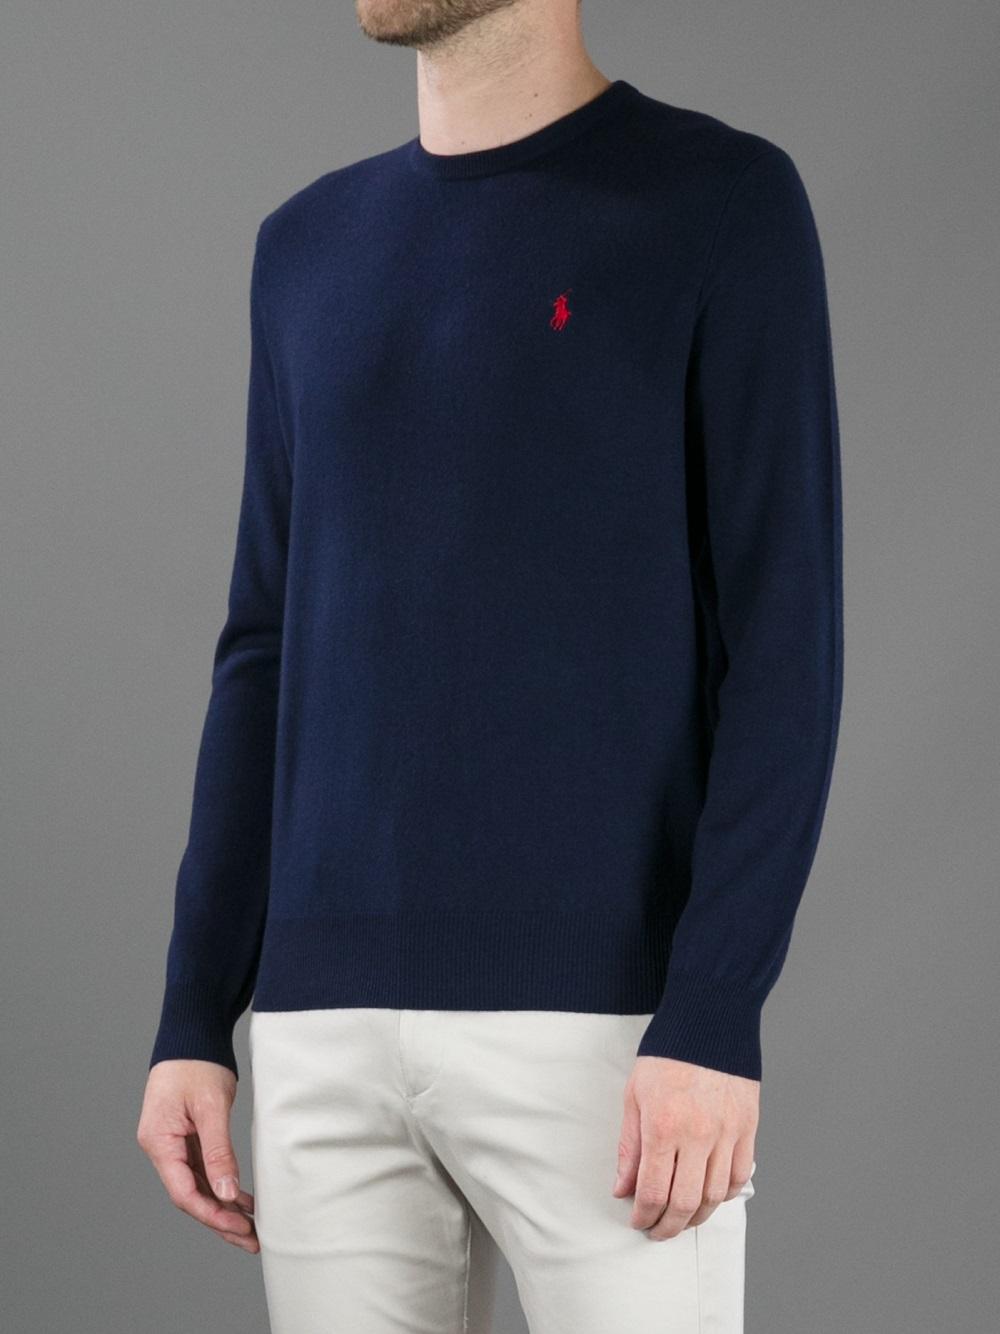 Ralph Lauren Mesh Round Neck Sweaters Men Blue